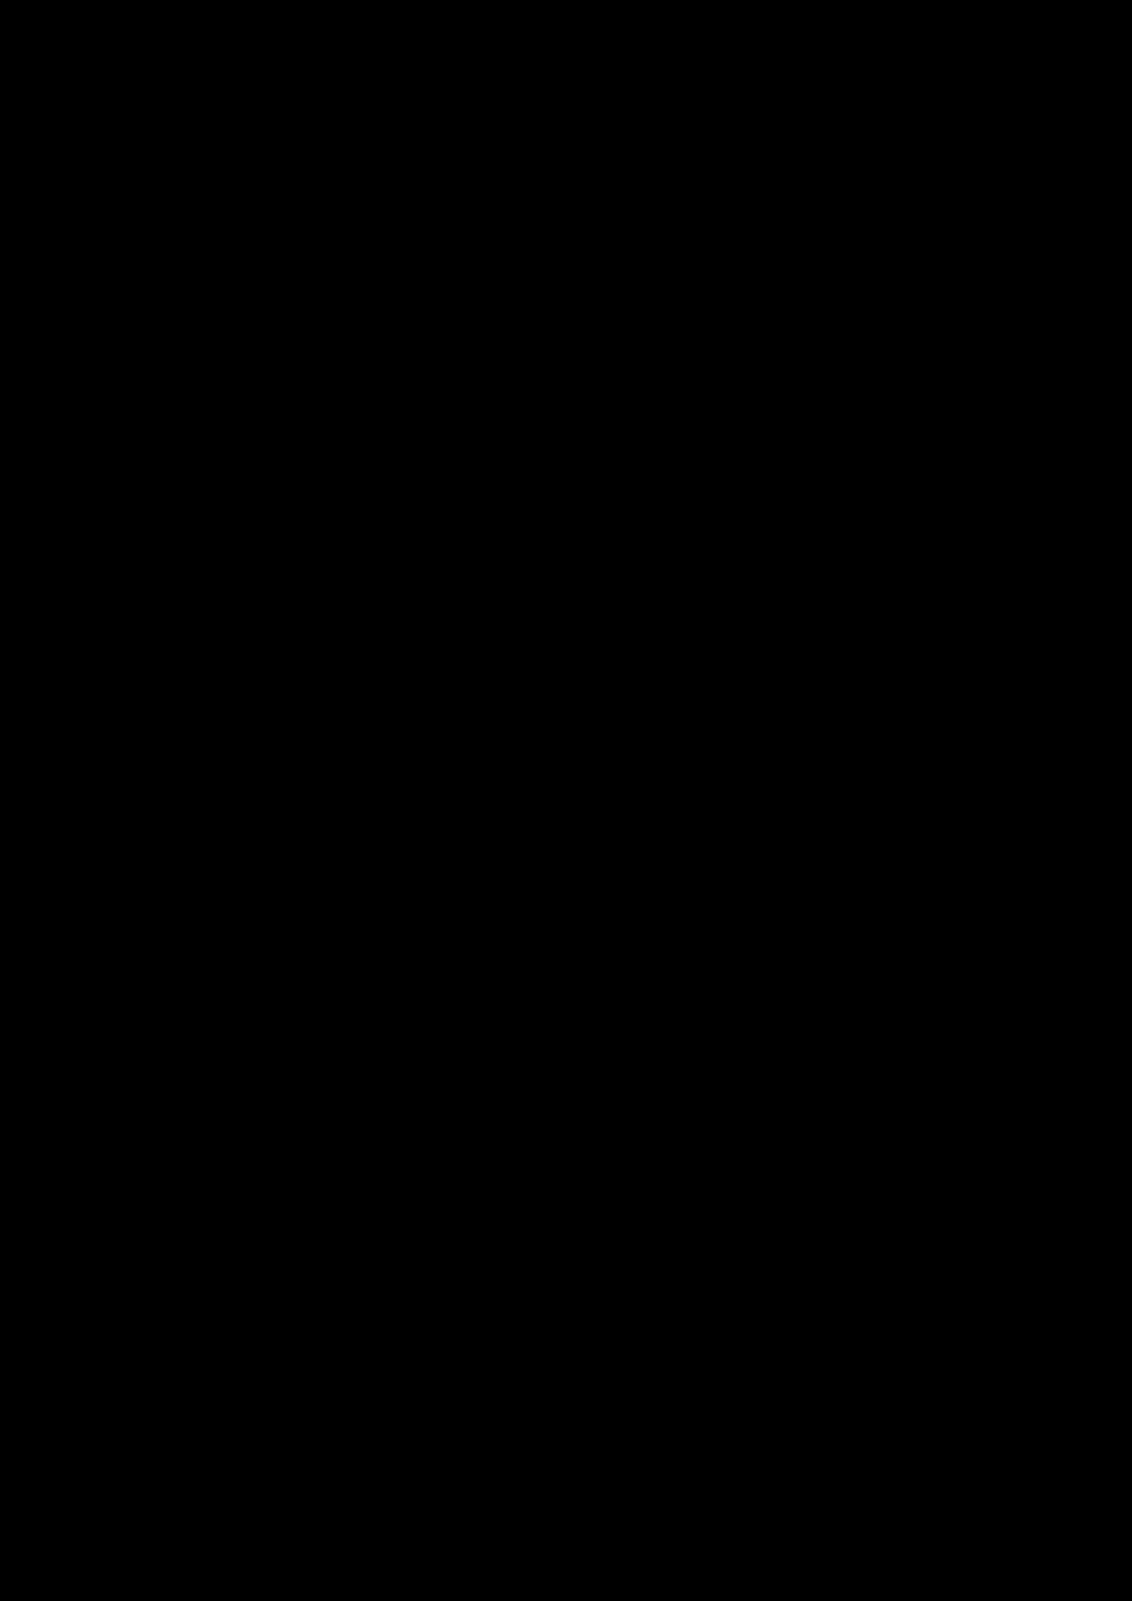 Hools slide, Image 4